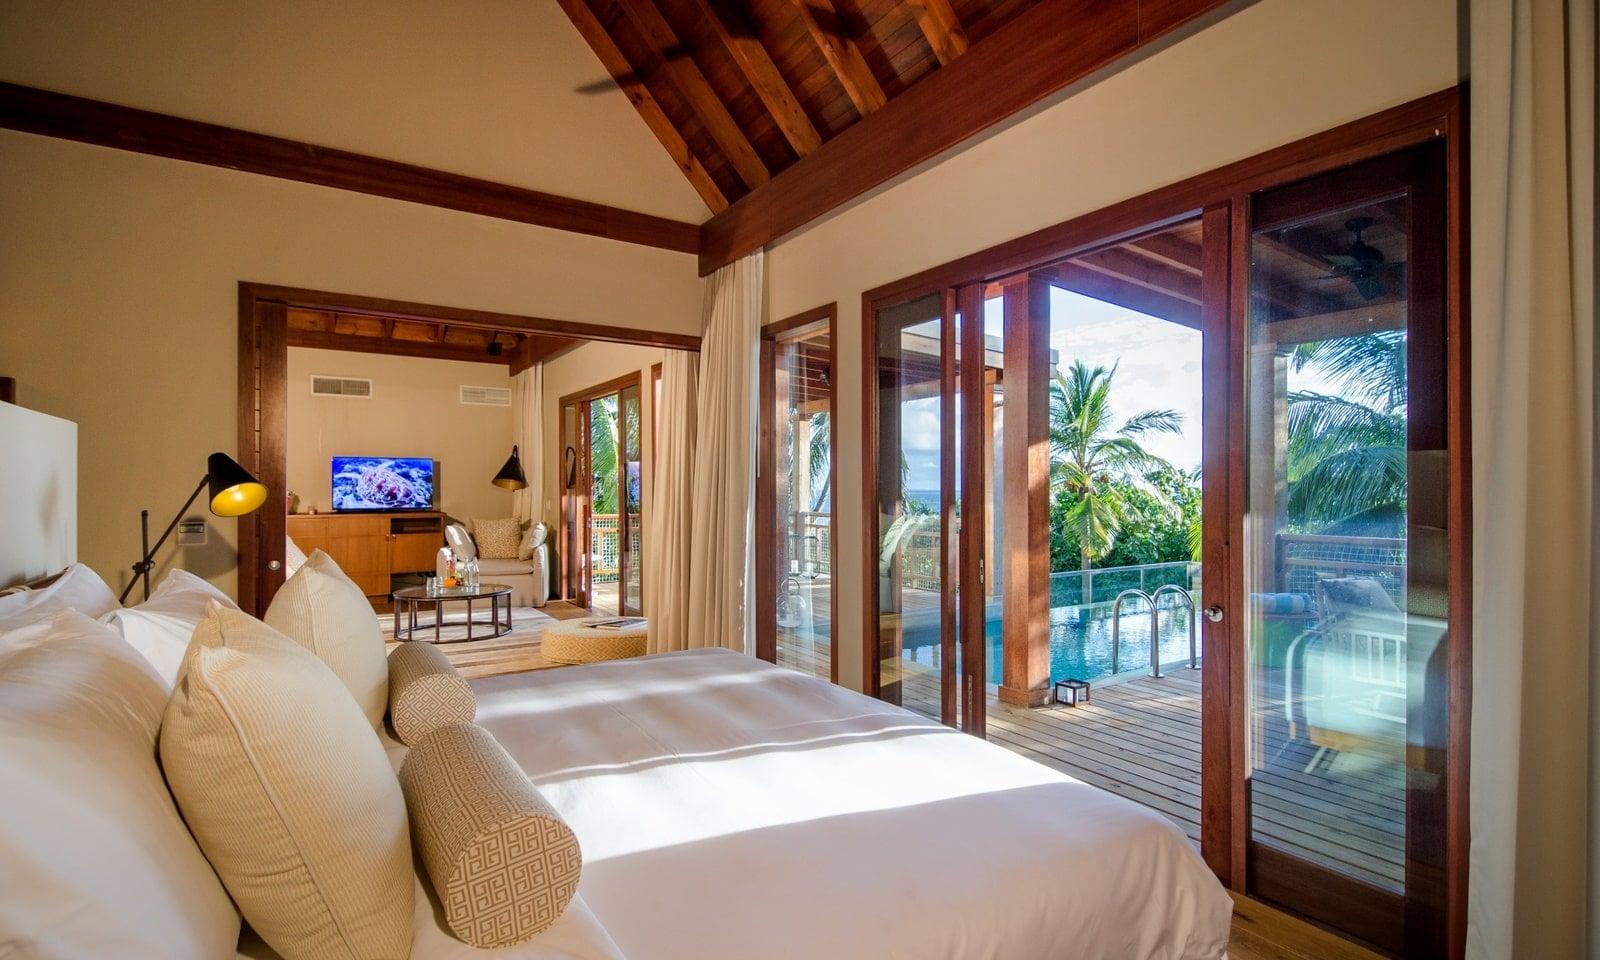 Мальдивы, Отель Amilla Fushi Maldives, номер Tree Pop Pool Villa